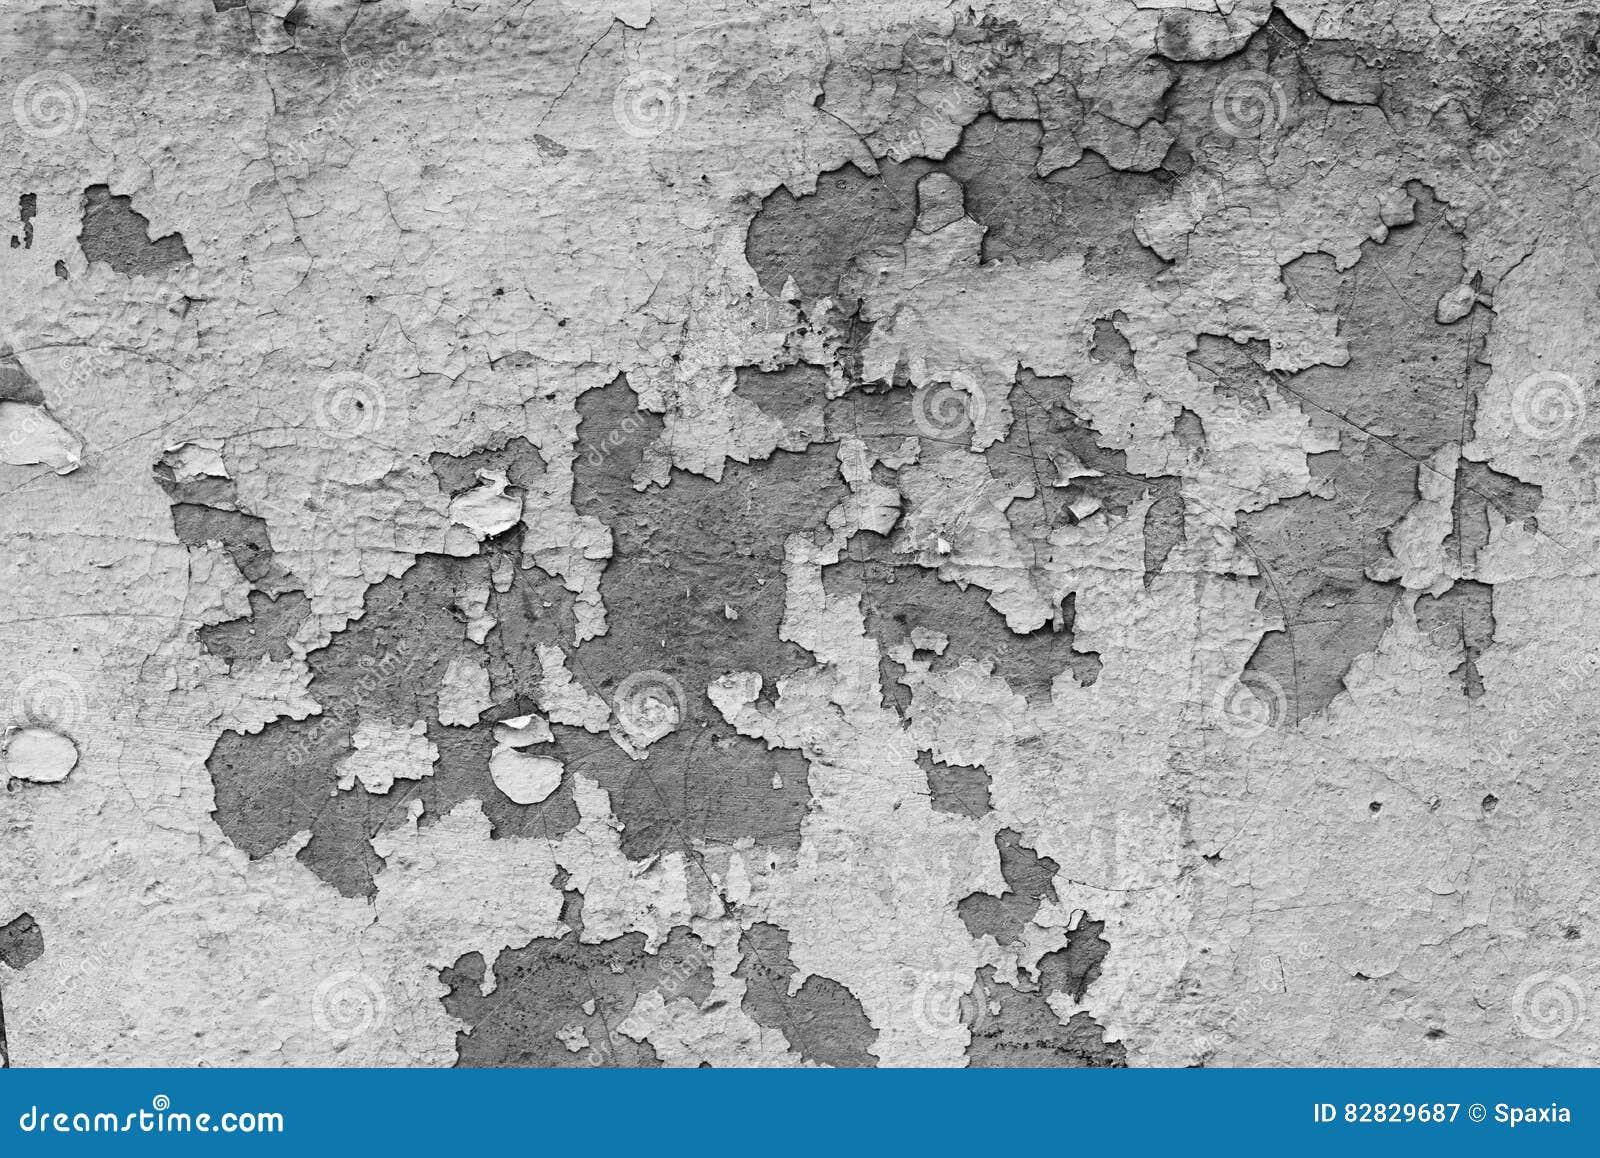 Бетон шелушится пол из керамзитобетона технология